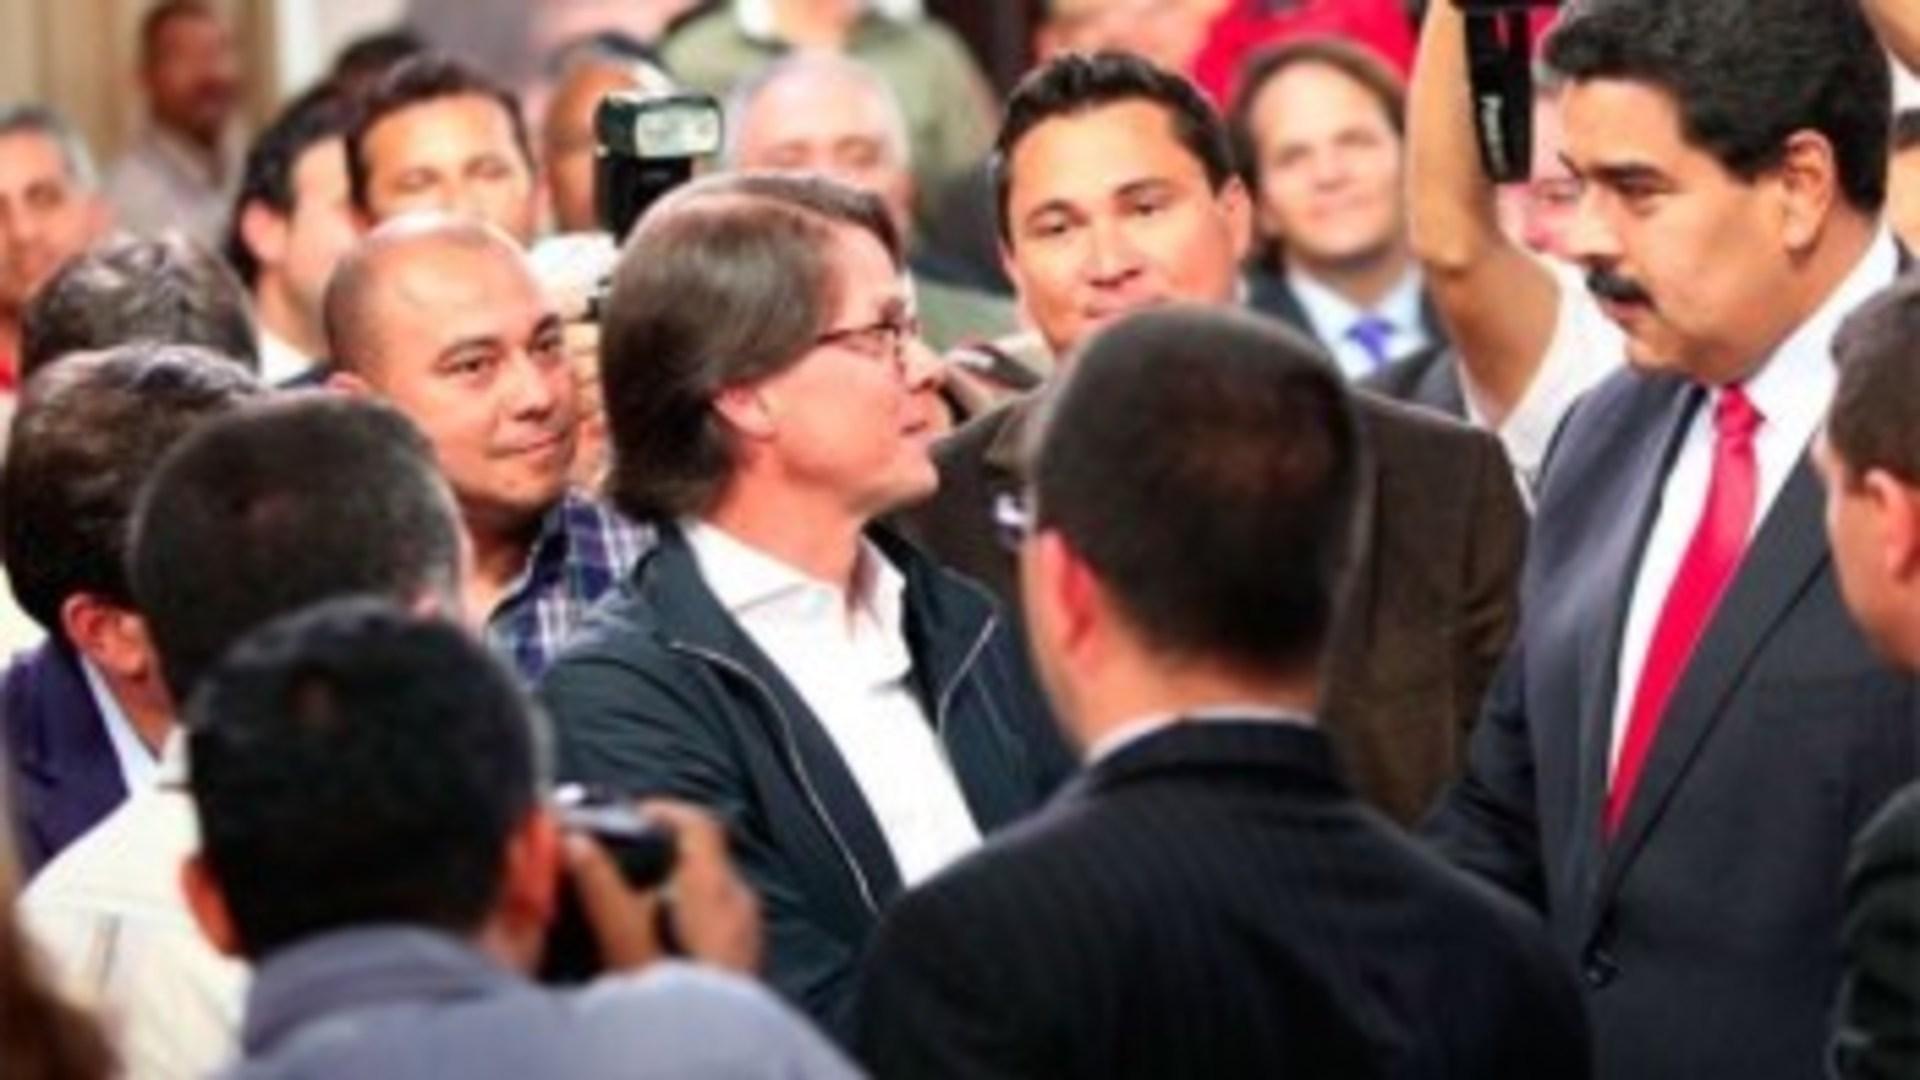 Diario de EE. UU. señala a Lorenzo Mendoza de pactar con Maduro